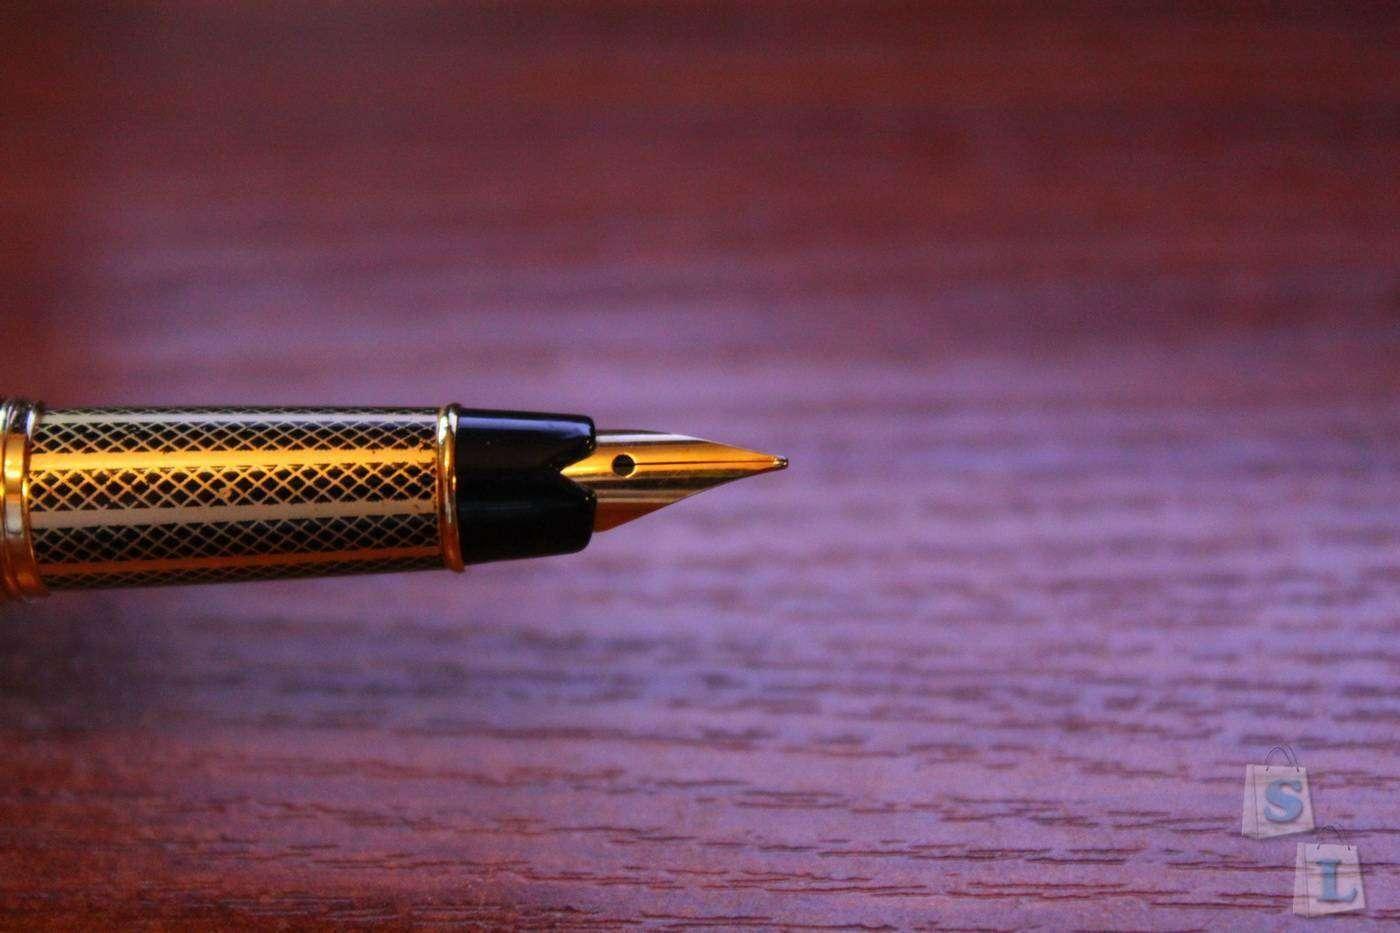 GearBest: Хорошая перьевая ручка, за мало денег. Знакомьтесь - Yongsheng 050